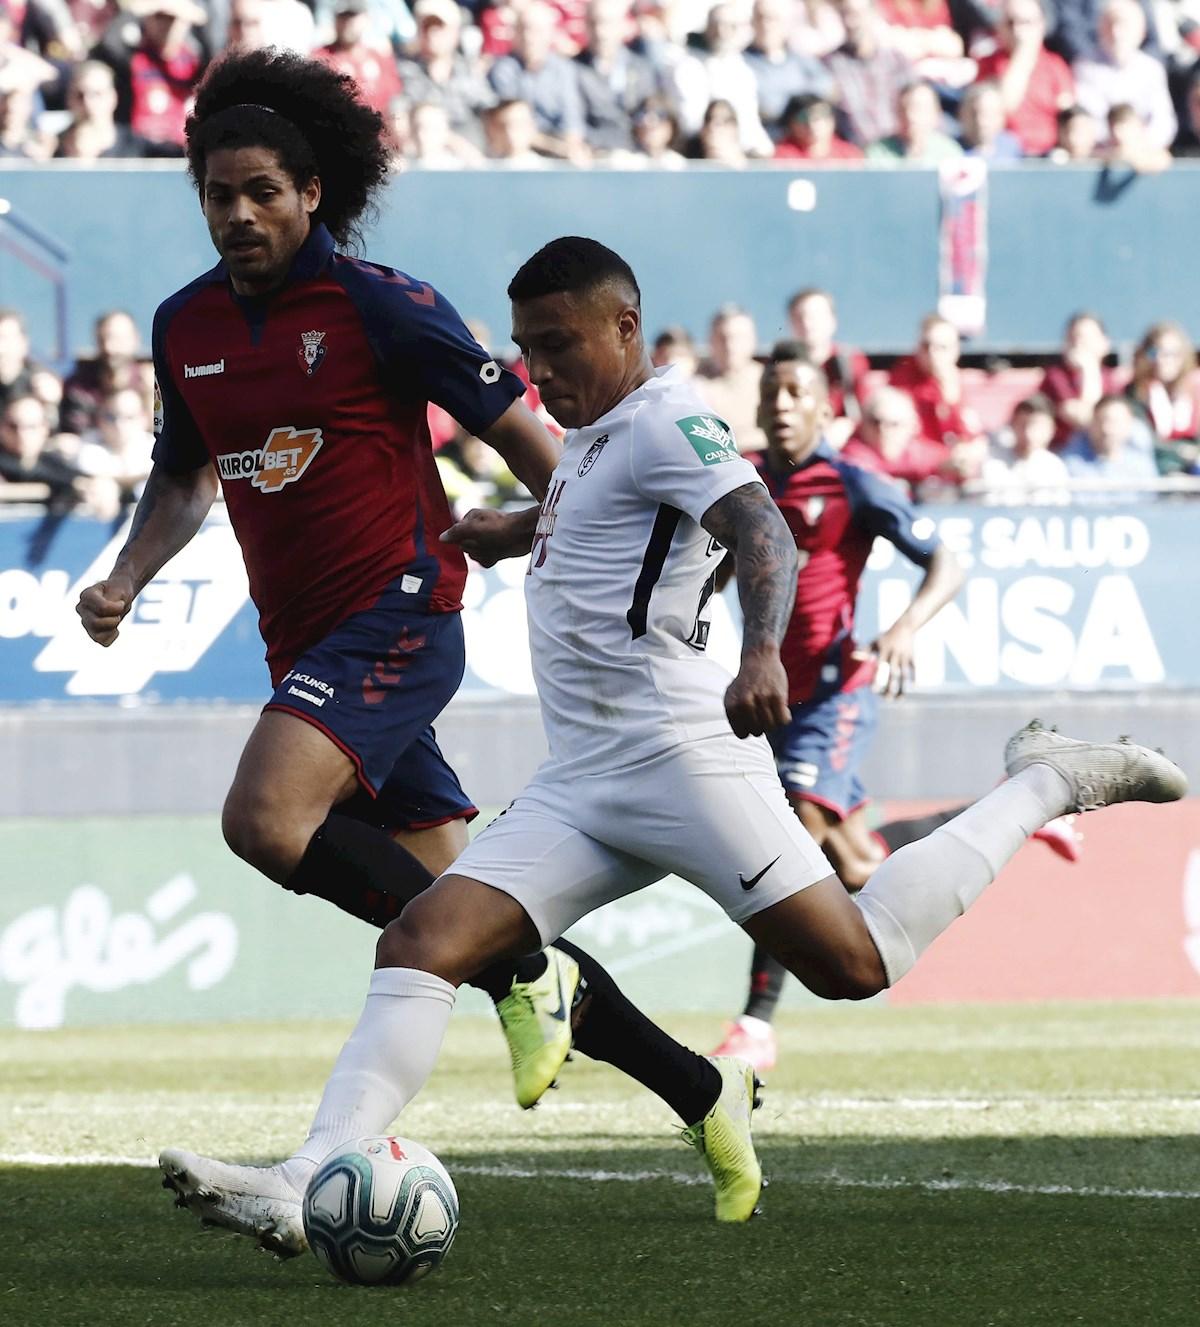 Darwin Machis marco dos goles con el Granada ante el Osasuna 1